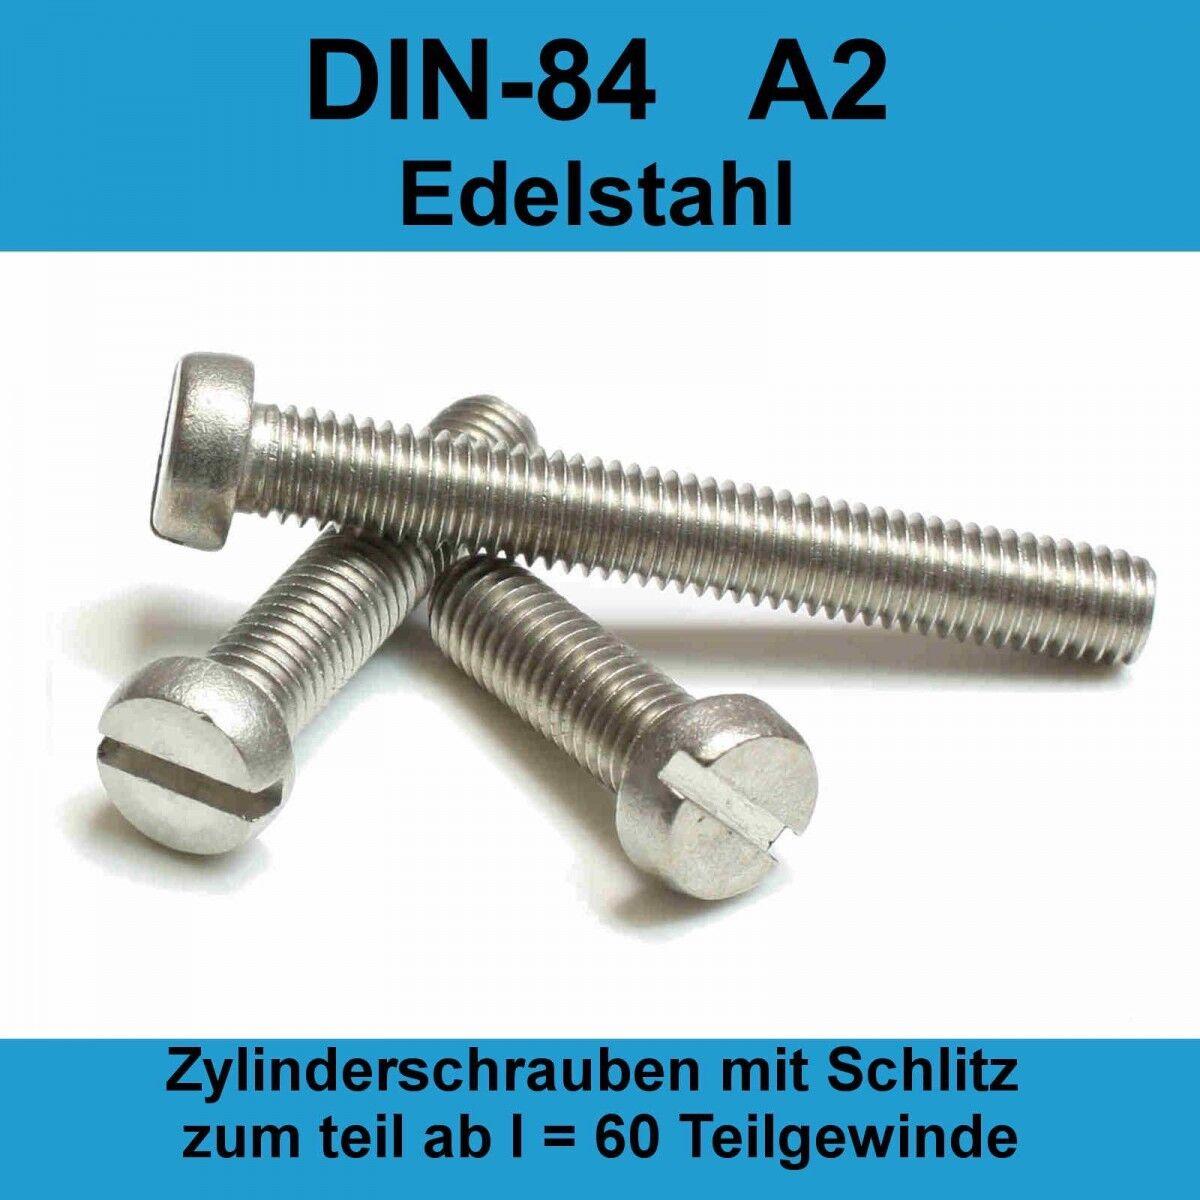 M2,5x DIN84 A2 Edelstahl Zylinderschrauben Zylinderkopfschrauben Schlitzschraube